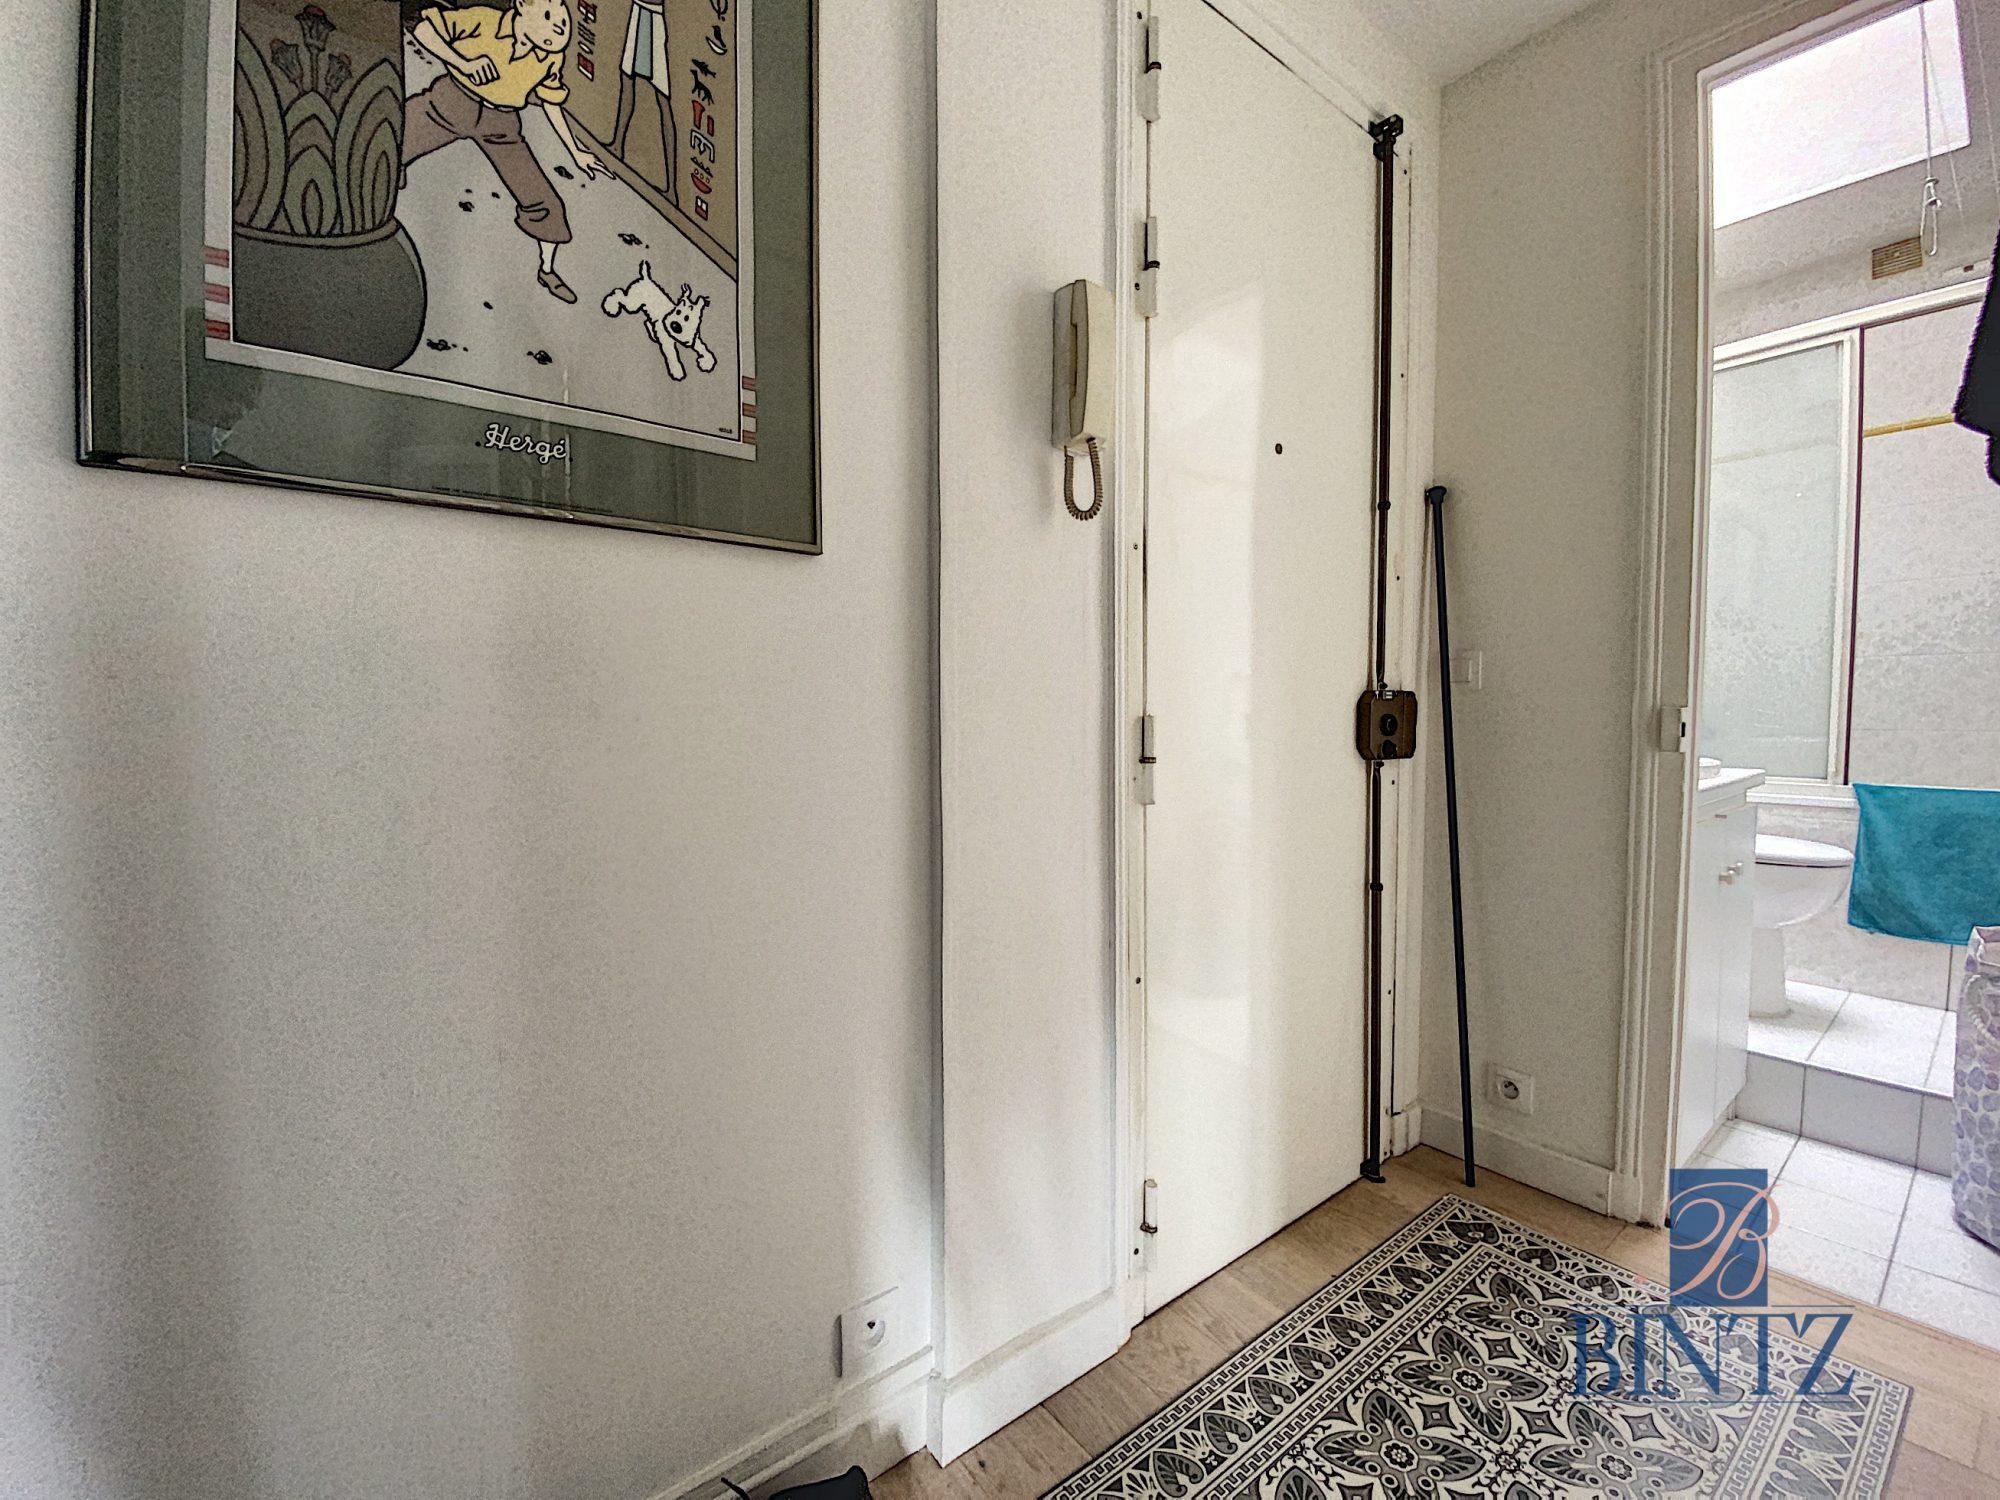 PARIS 17eme – 2 pièces rénové Boulevard Pereire - Devenez propriétaire en toute confiance - Bintz Immobilier - 10